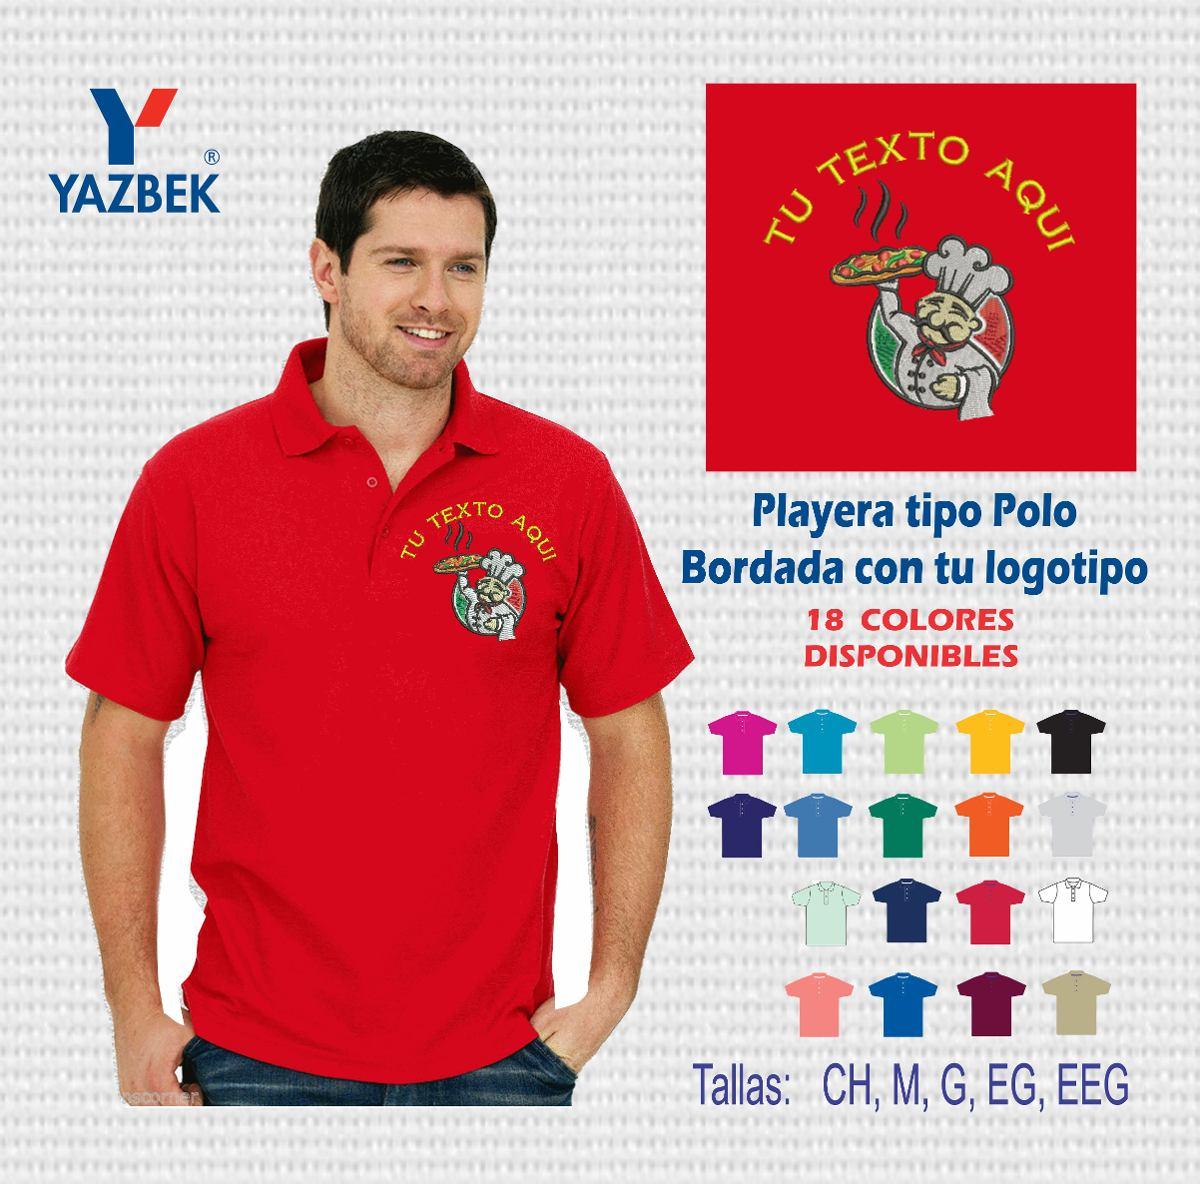 Playera Tipo Polo Bordada Con Tu Logotipo 12 Pzas -   110.00 en ... bbd8316ec627e